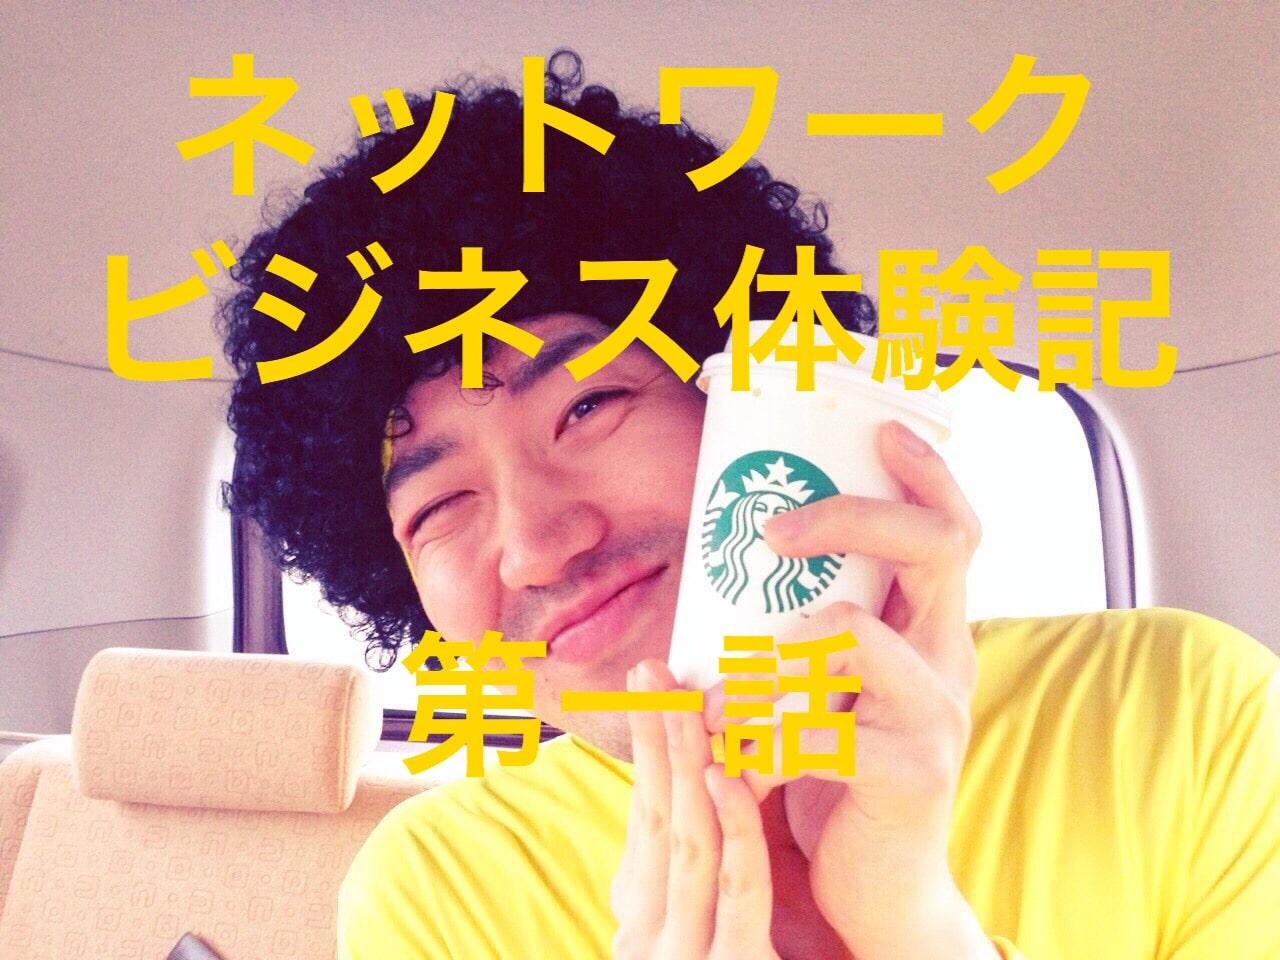 【第一話】実録!ネットワークビジネス(マルチ商法)体験記